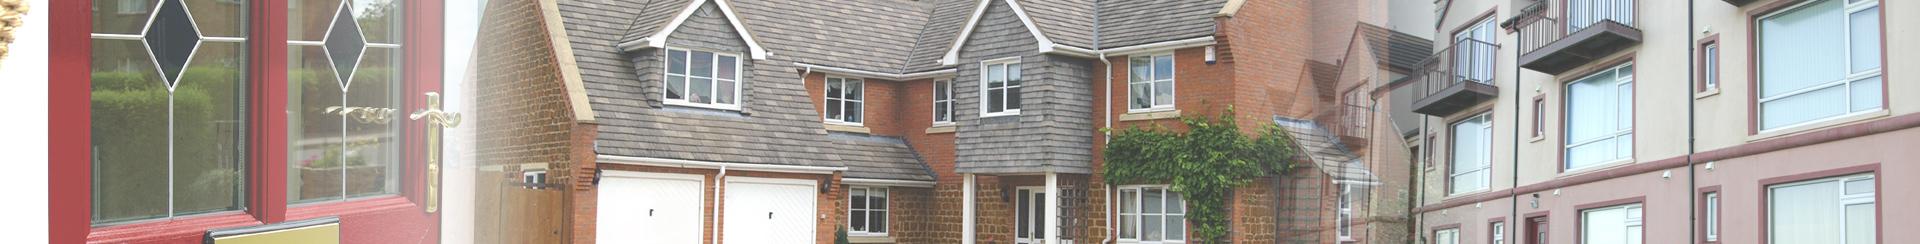 Turkington windows, doors and conservatories